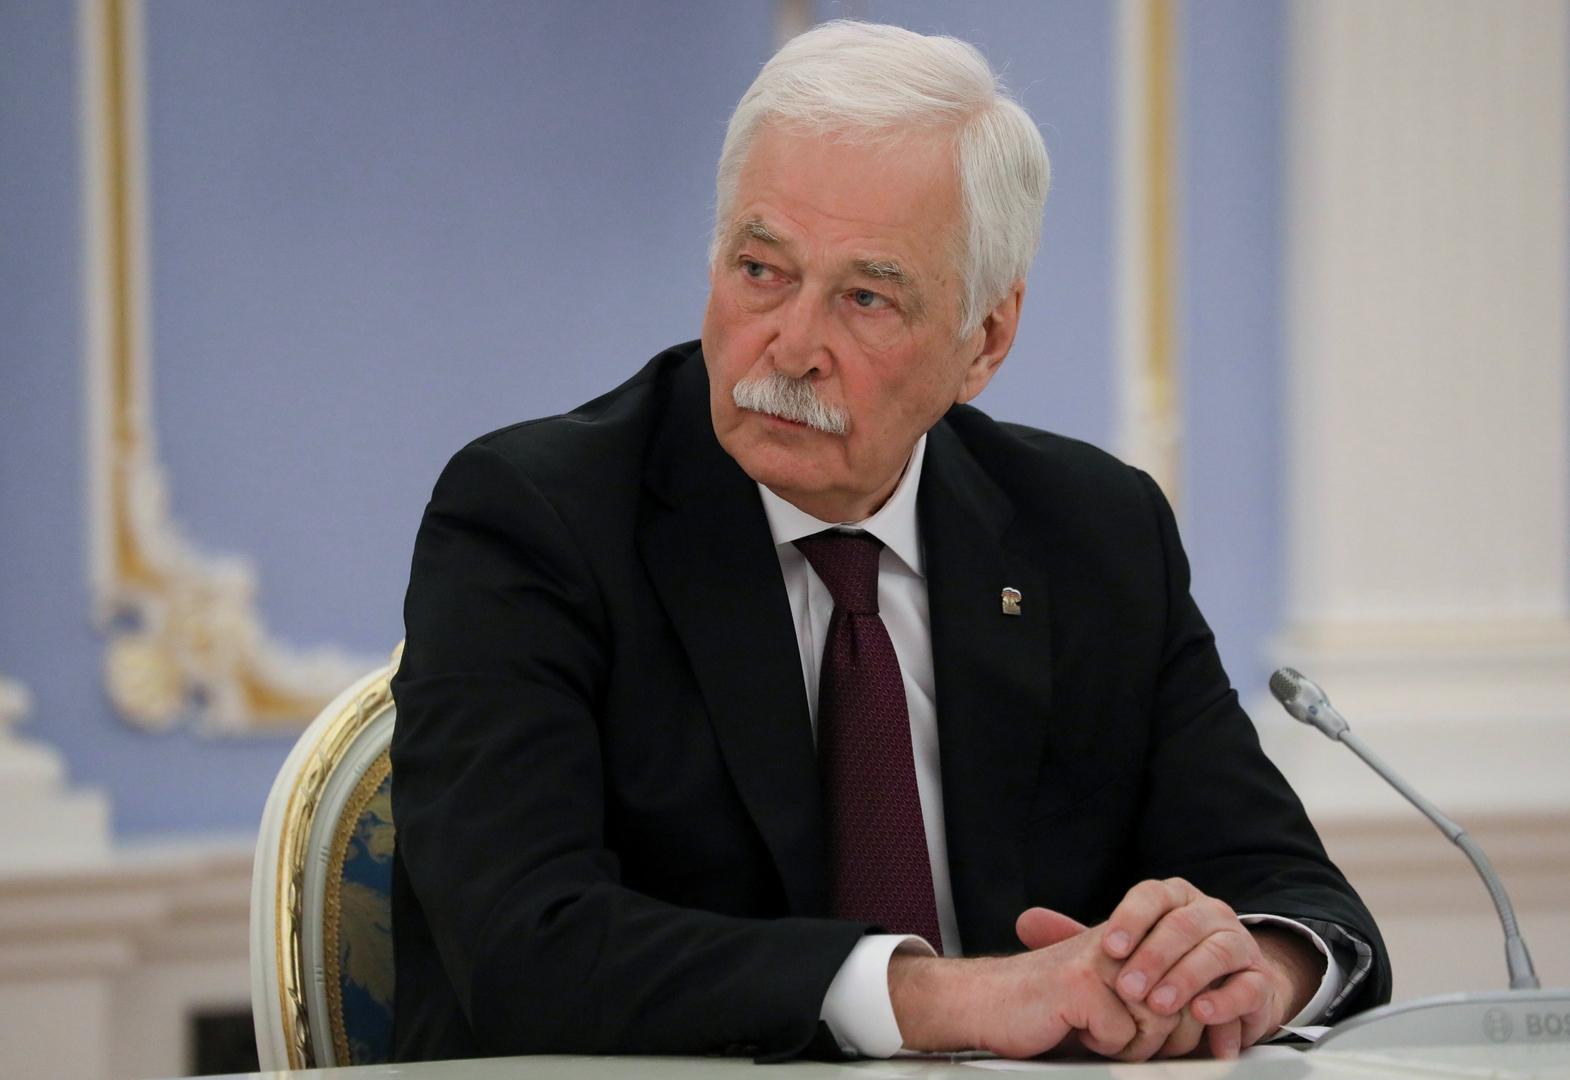 بوريس غريزلوف، المفوض الروسي في مجموعة الاتصال الخاصة بتسوية النزاع في أوكرانيا